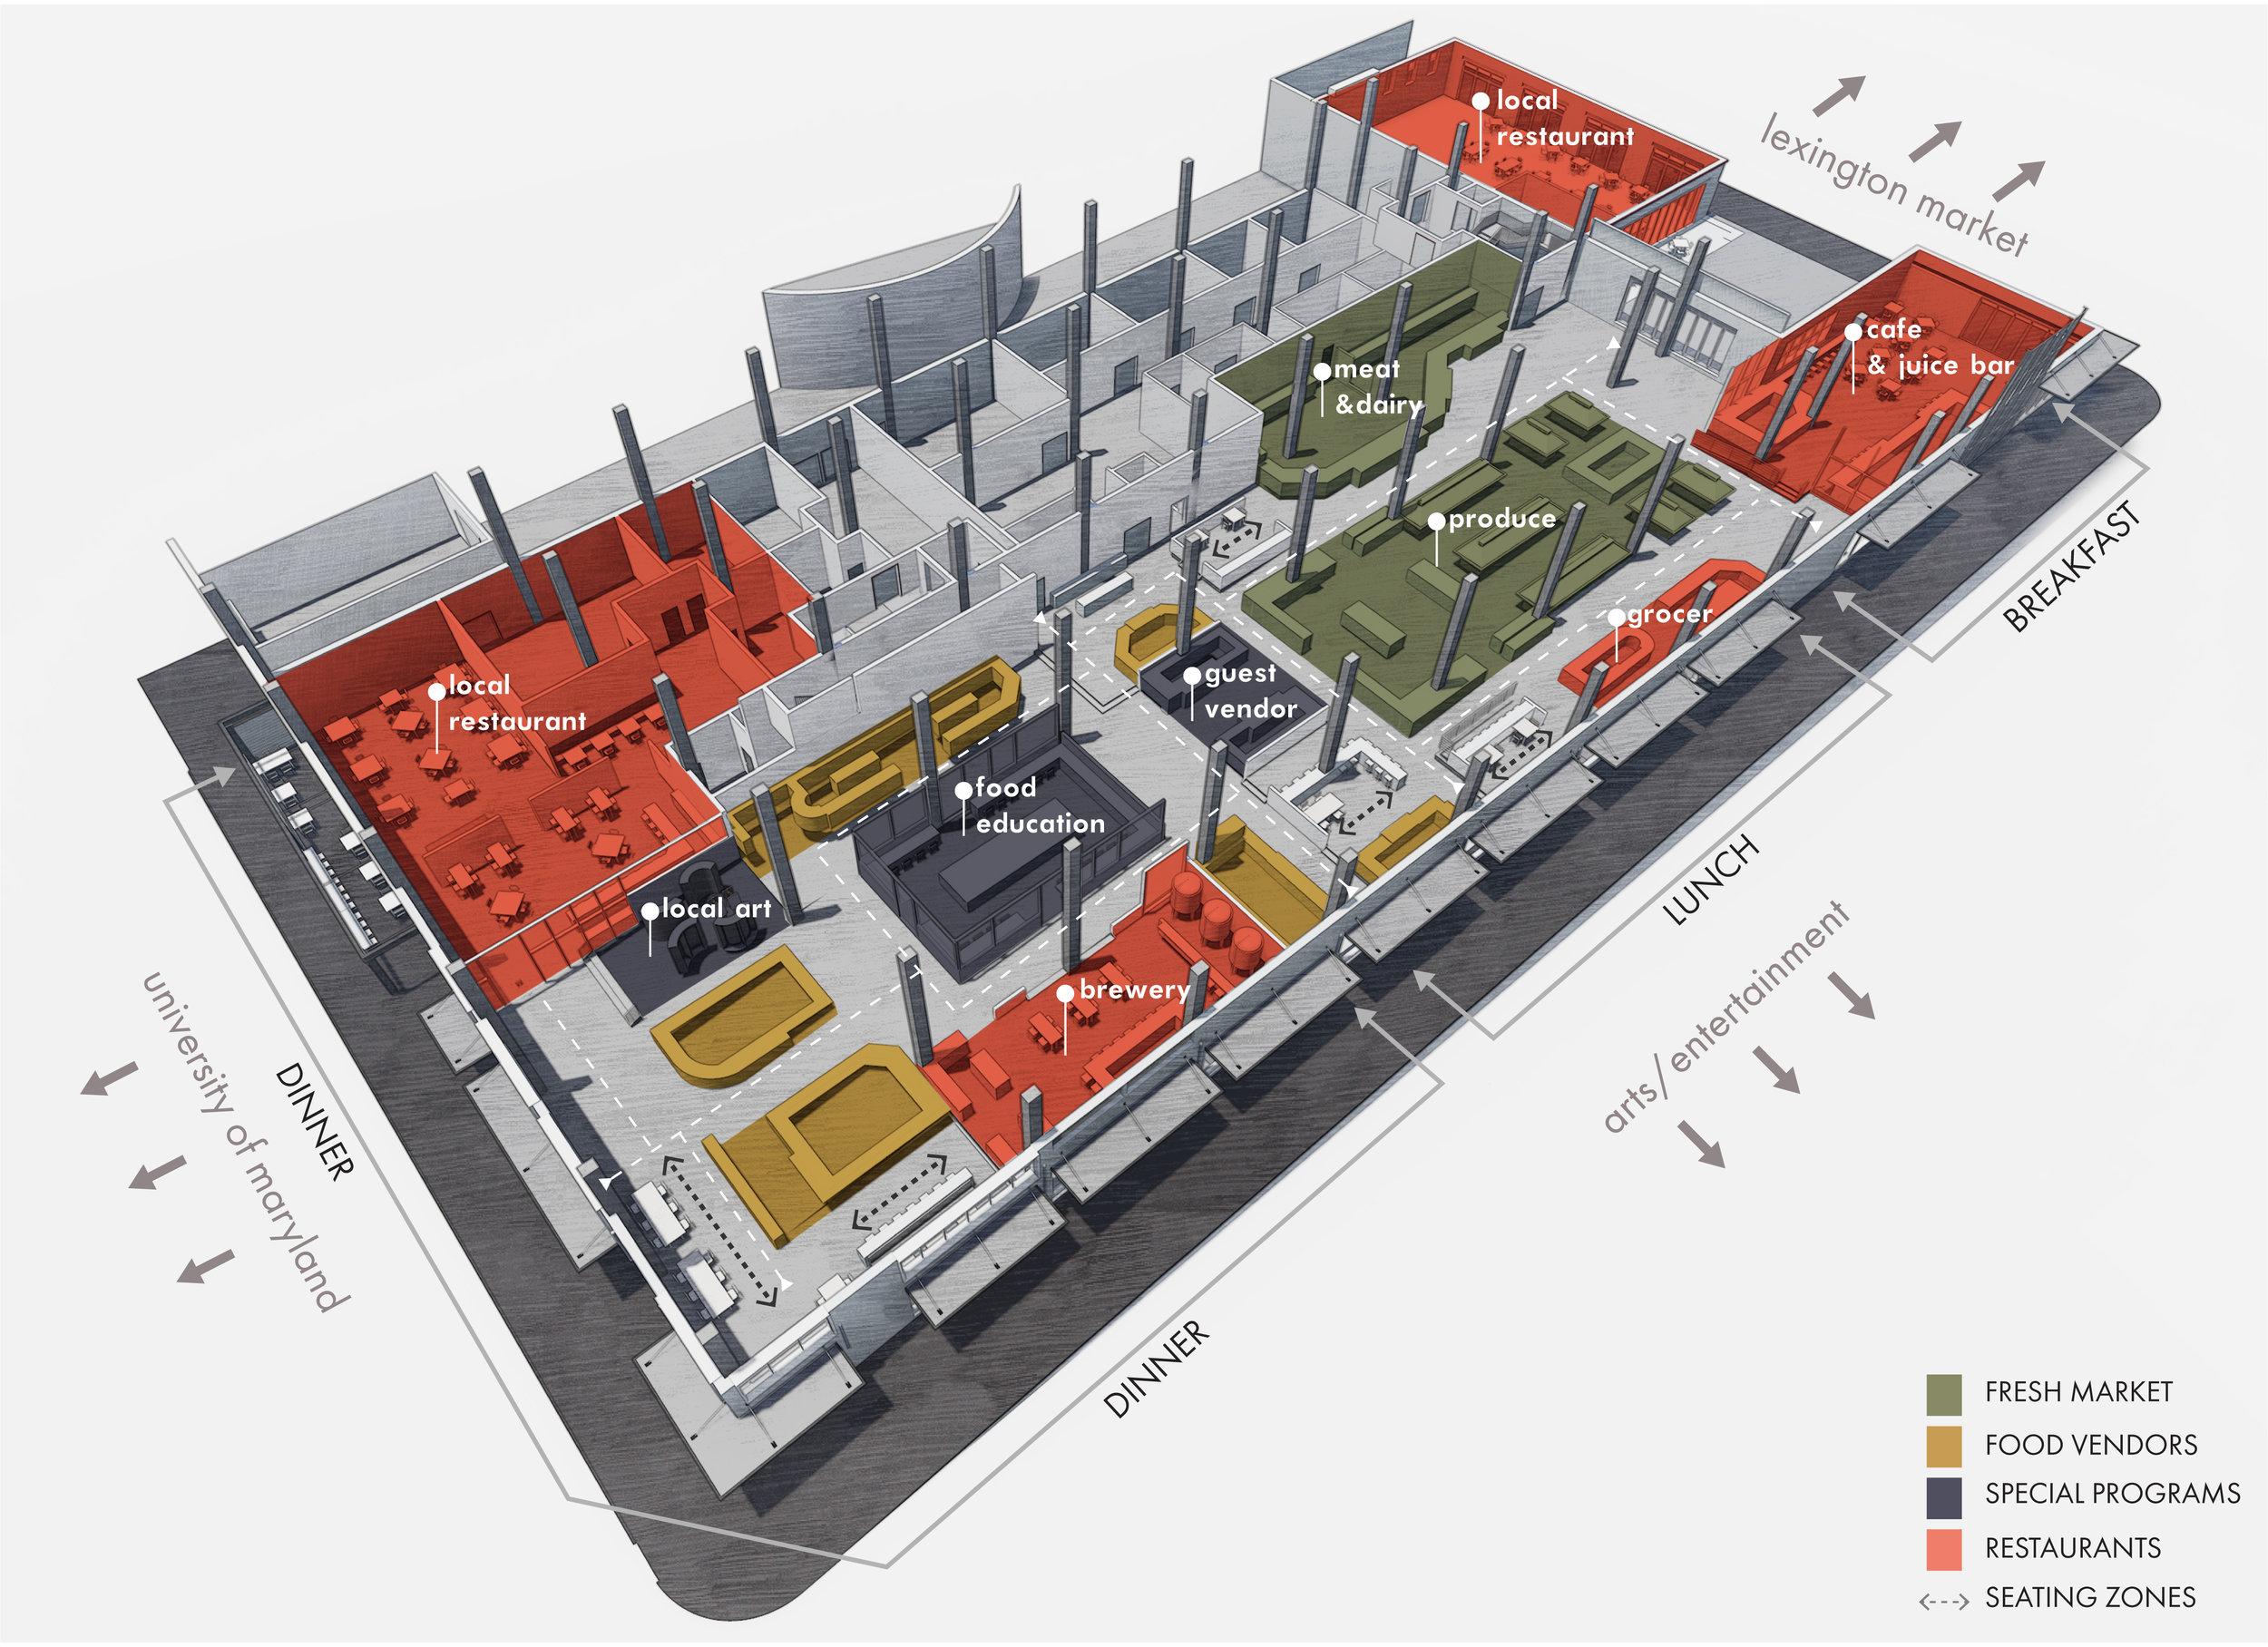 diagram_WEST MARKET FLOOR PLAN_revised-01.jpg